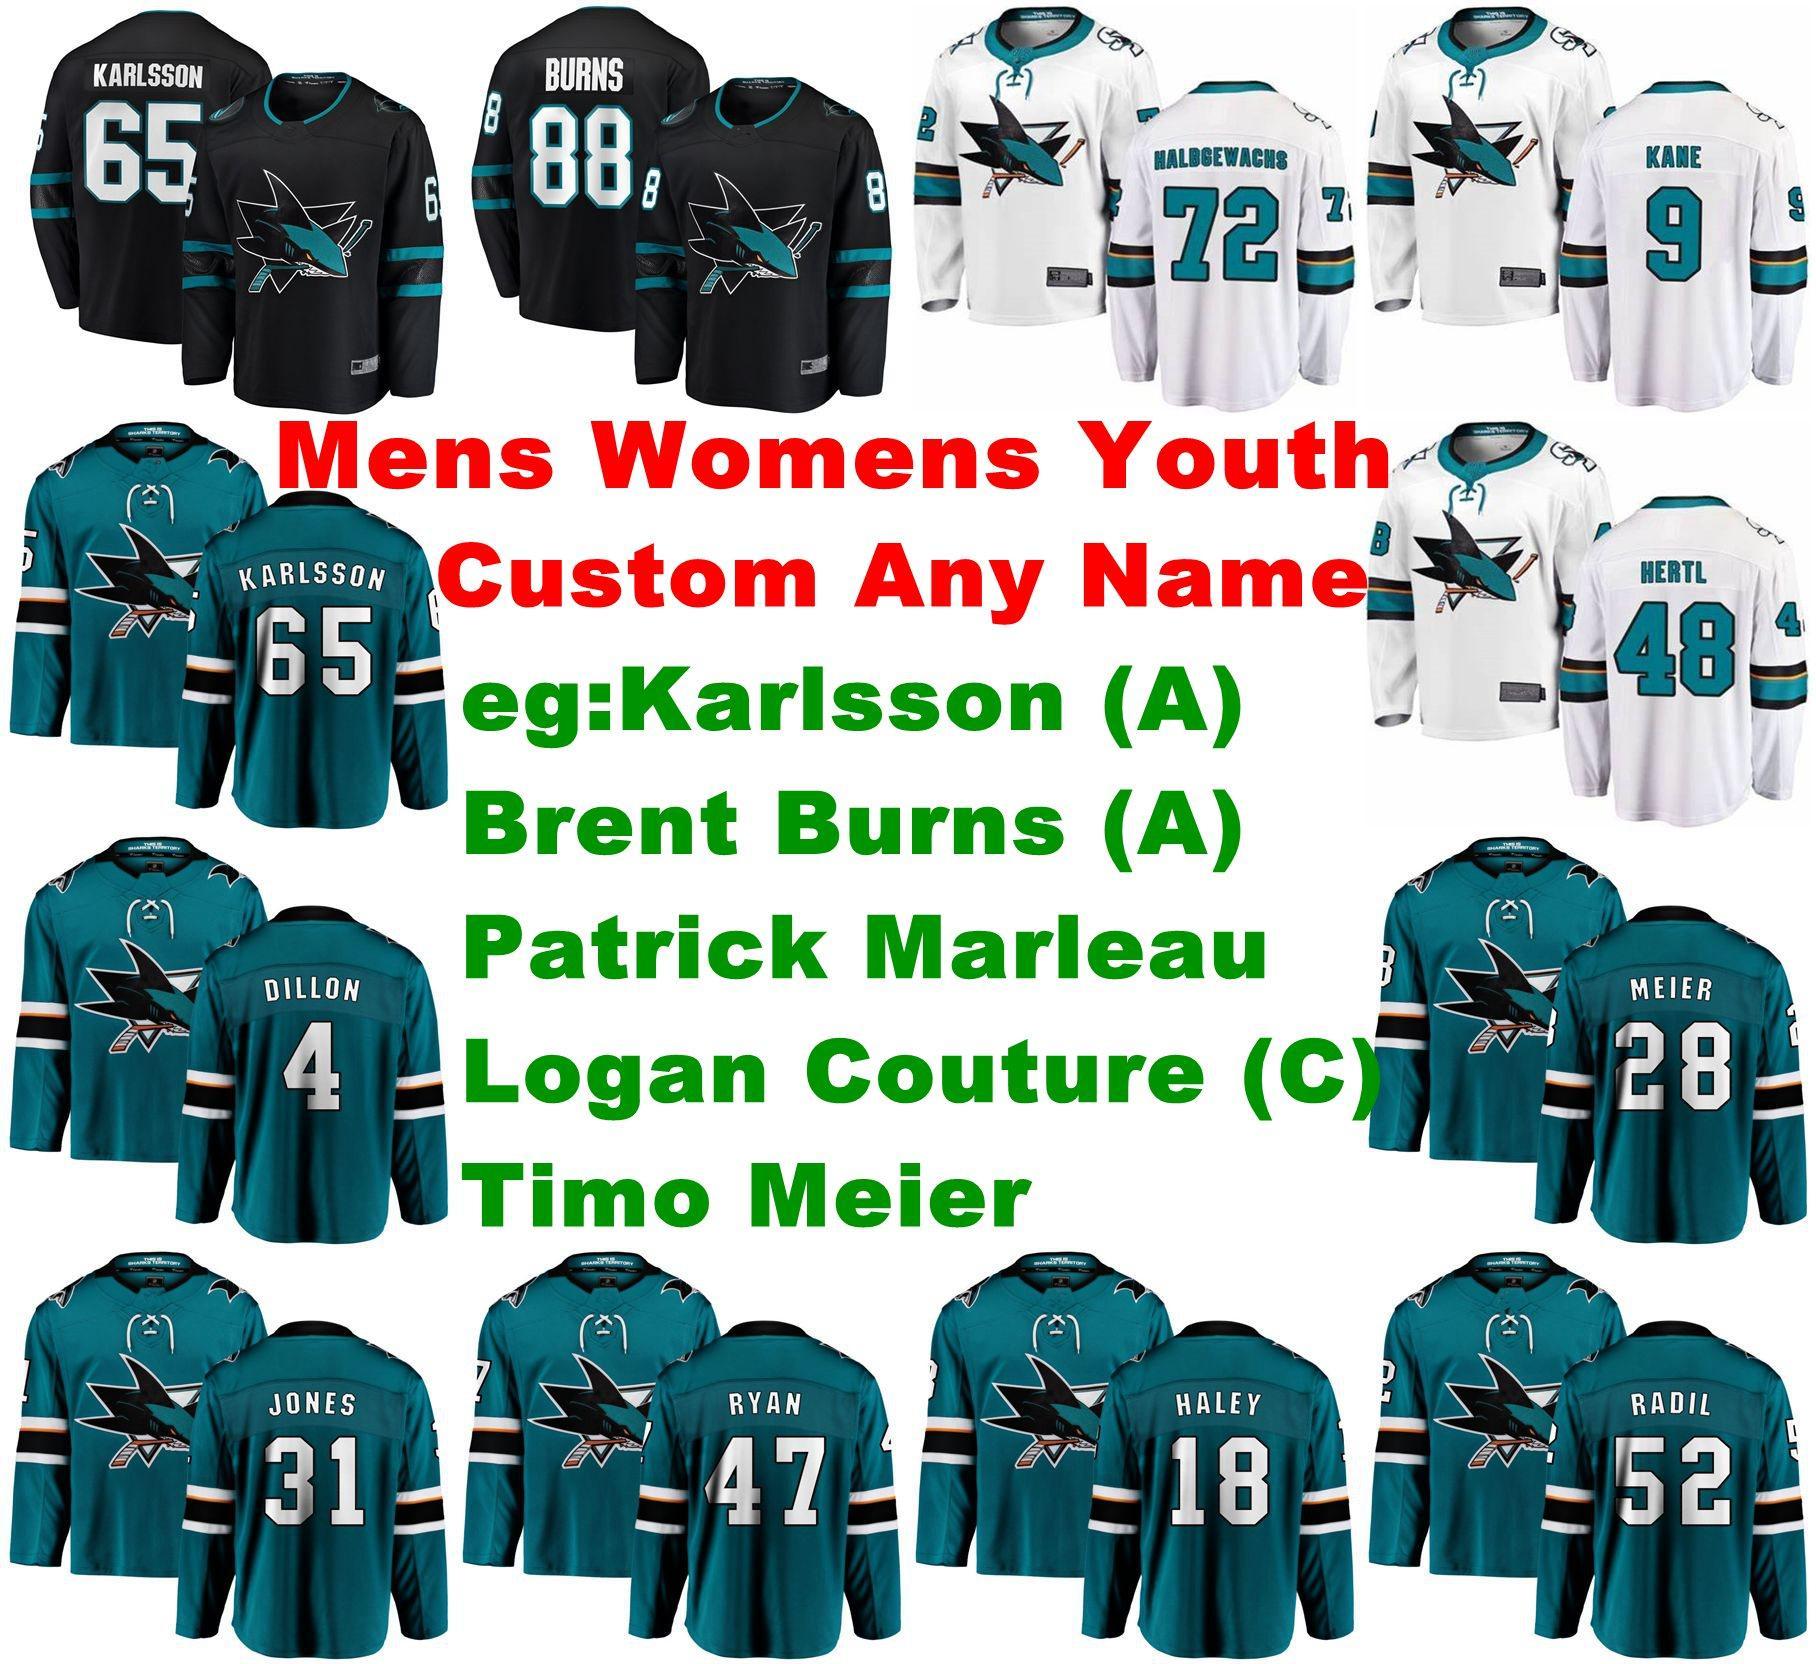 San Jose Sharks jerseys Erik Karlsson Jersey Brent Burns Timo Meier Patrick Marleau Logan Couture de hockey sobre hielo de los jerseys para hombre cosido Personalizar